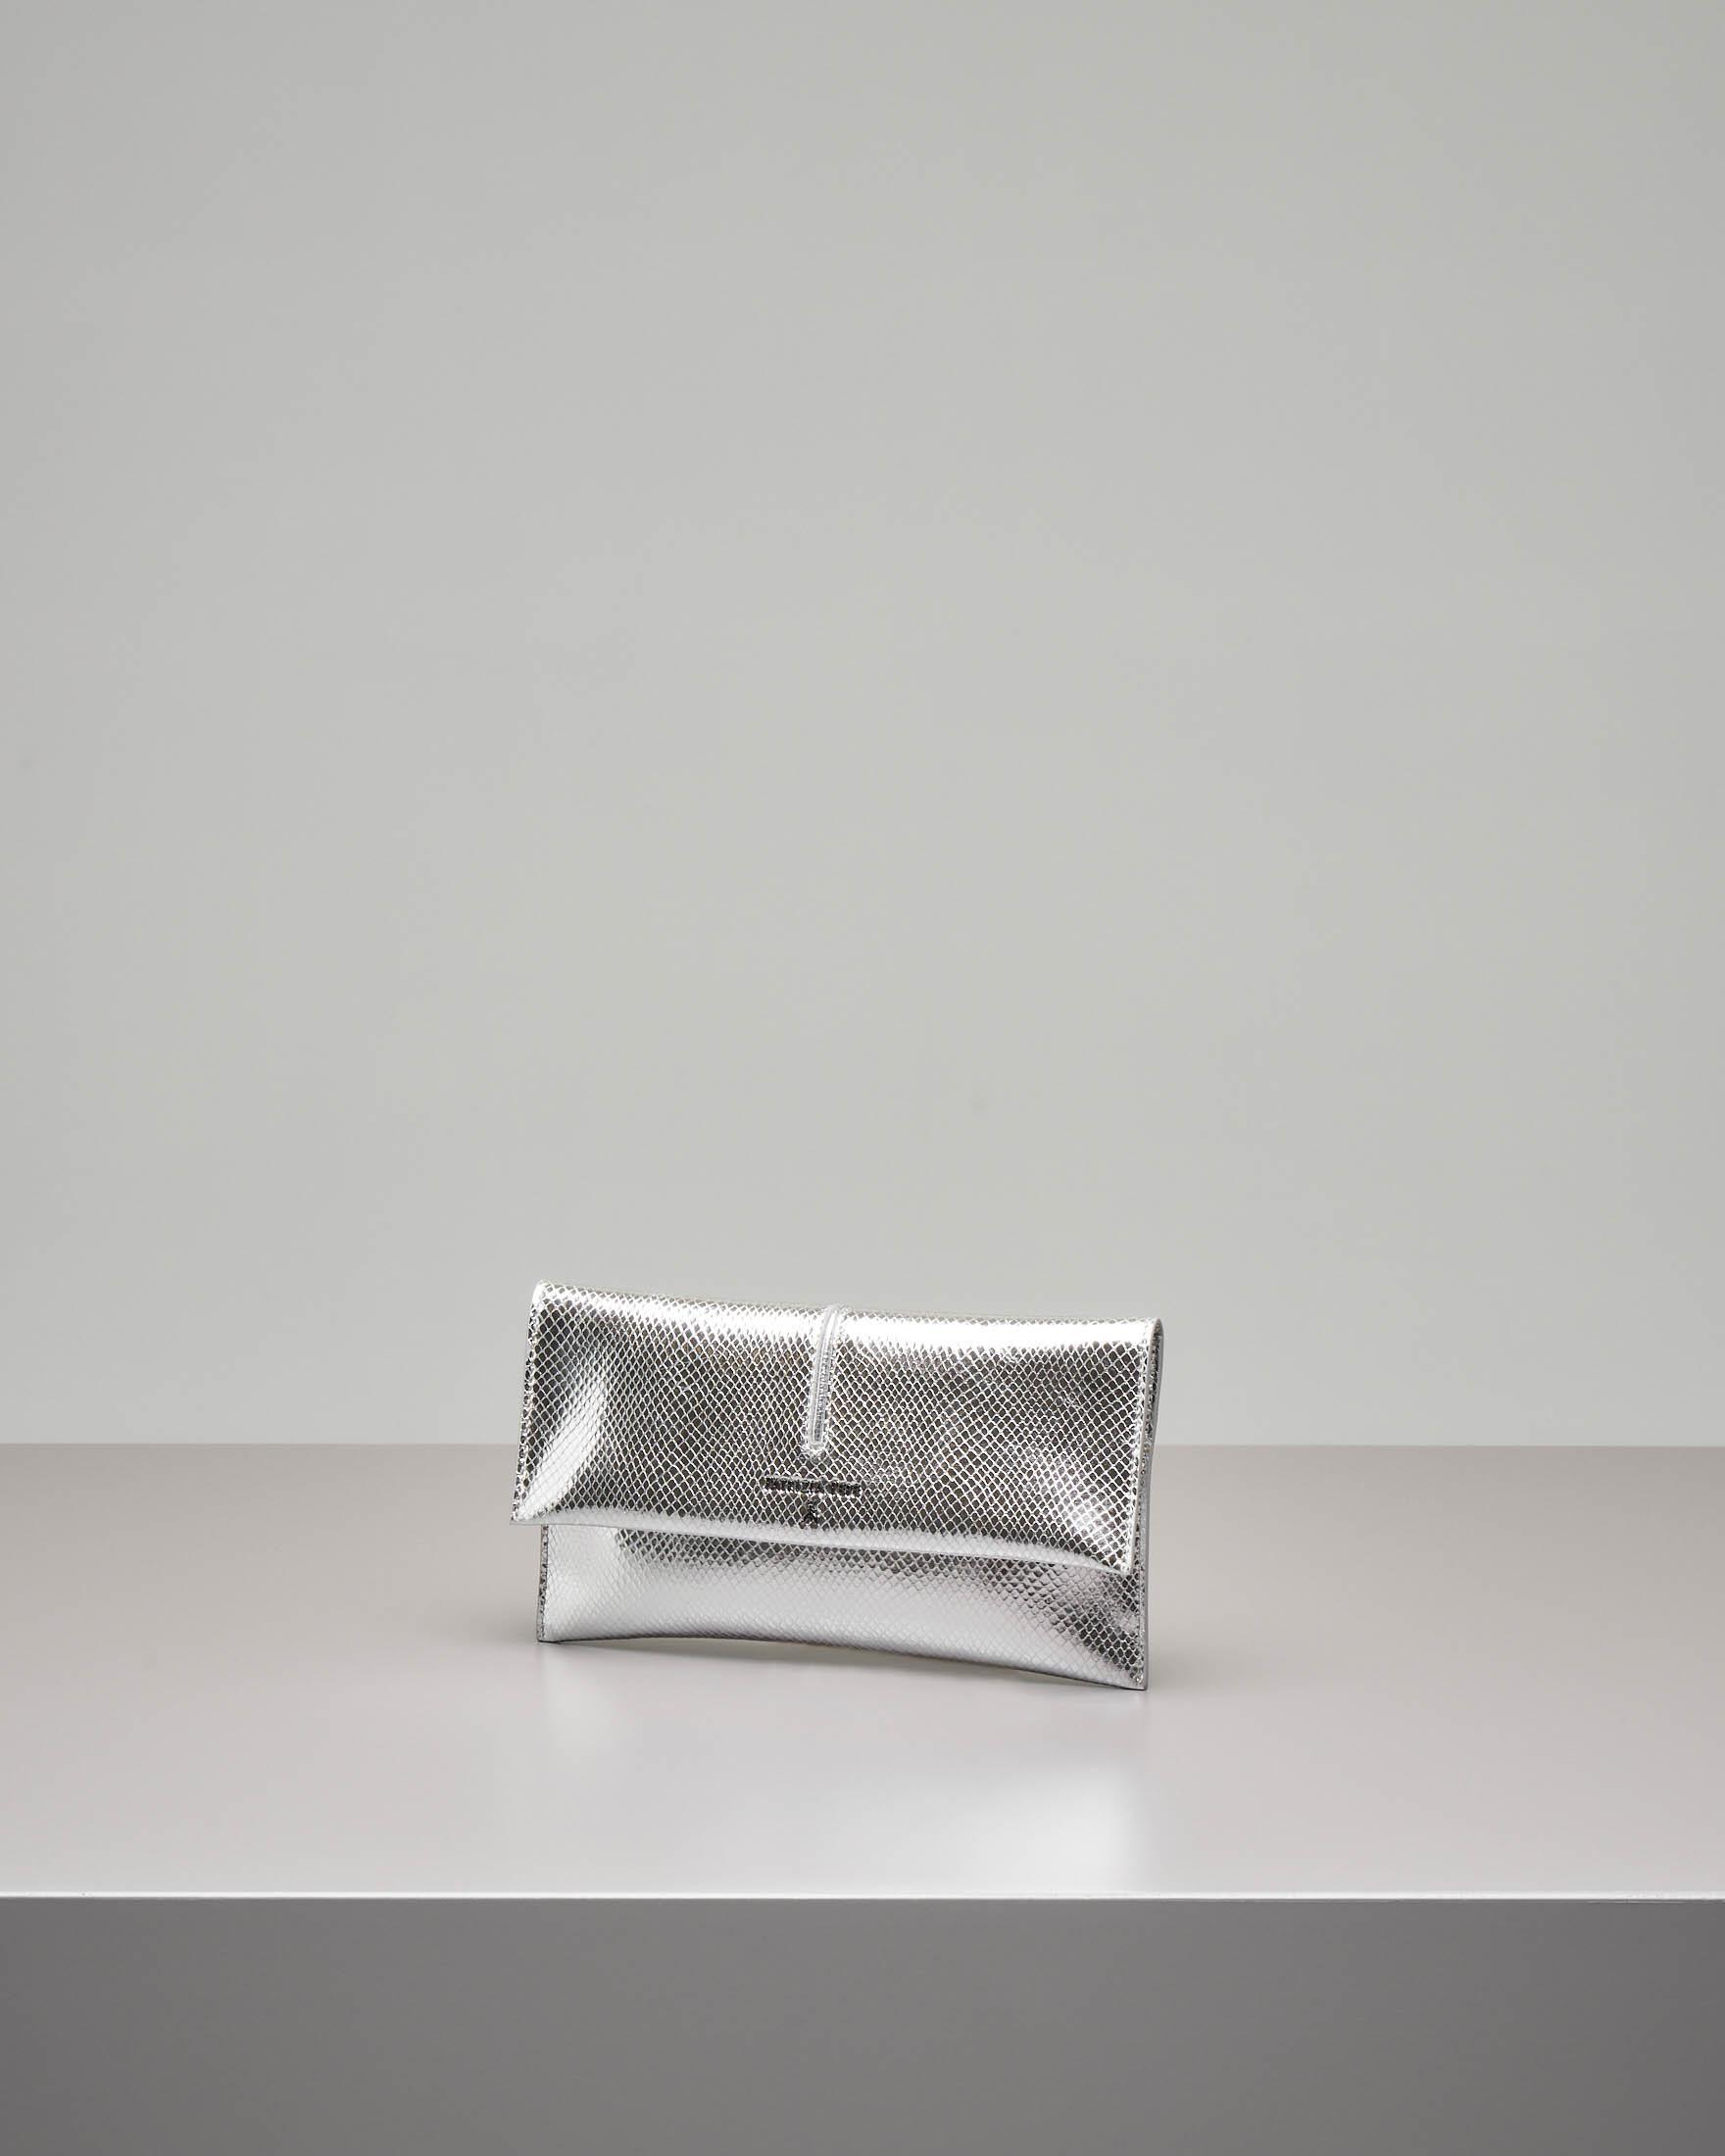 Pochette in pelle argento effetto pitone patella e tracolla removibile